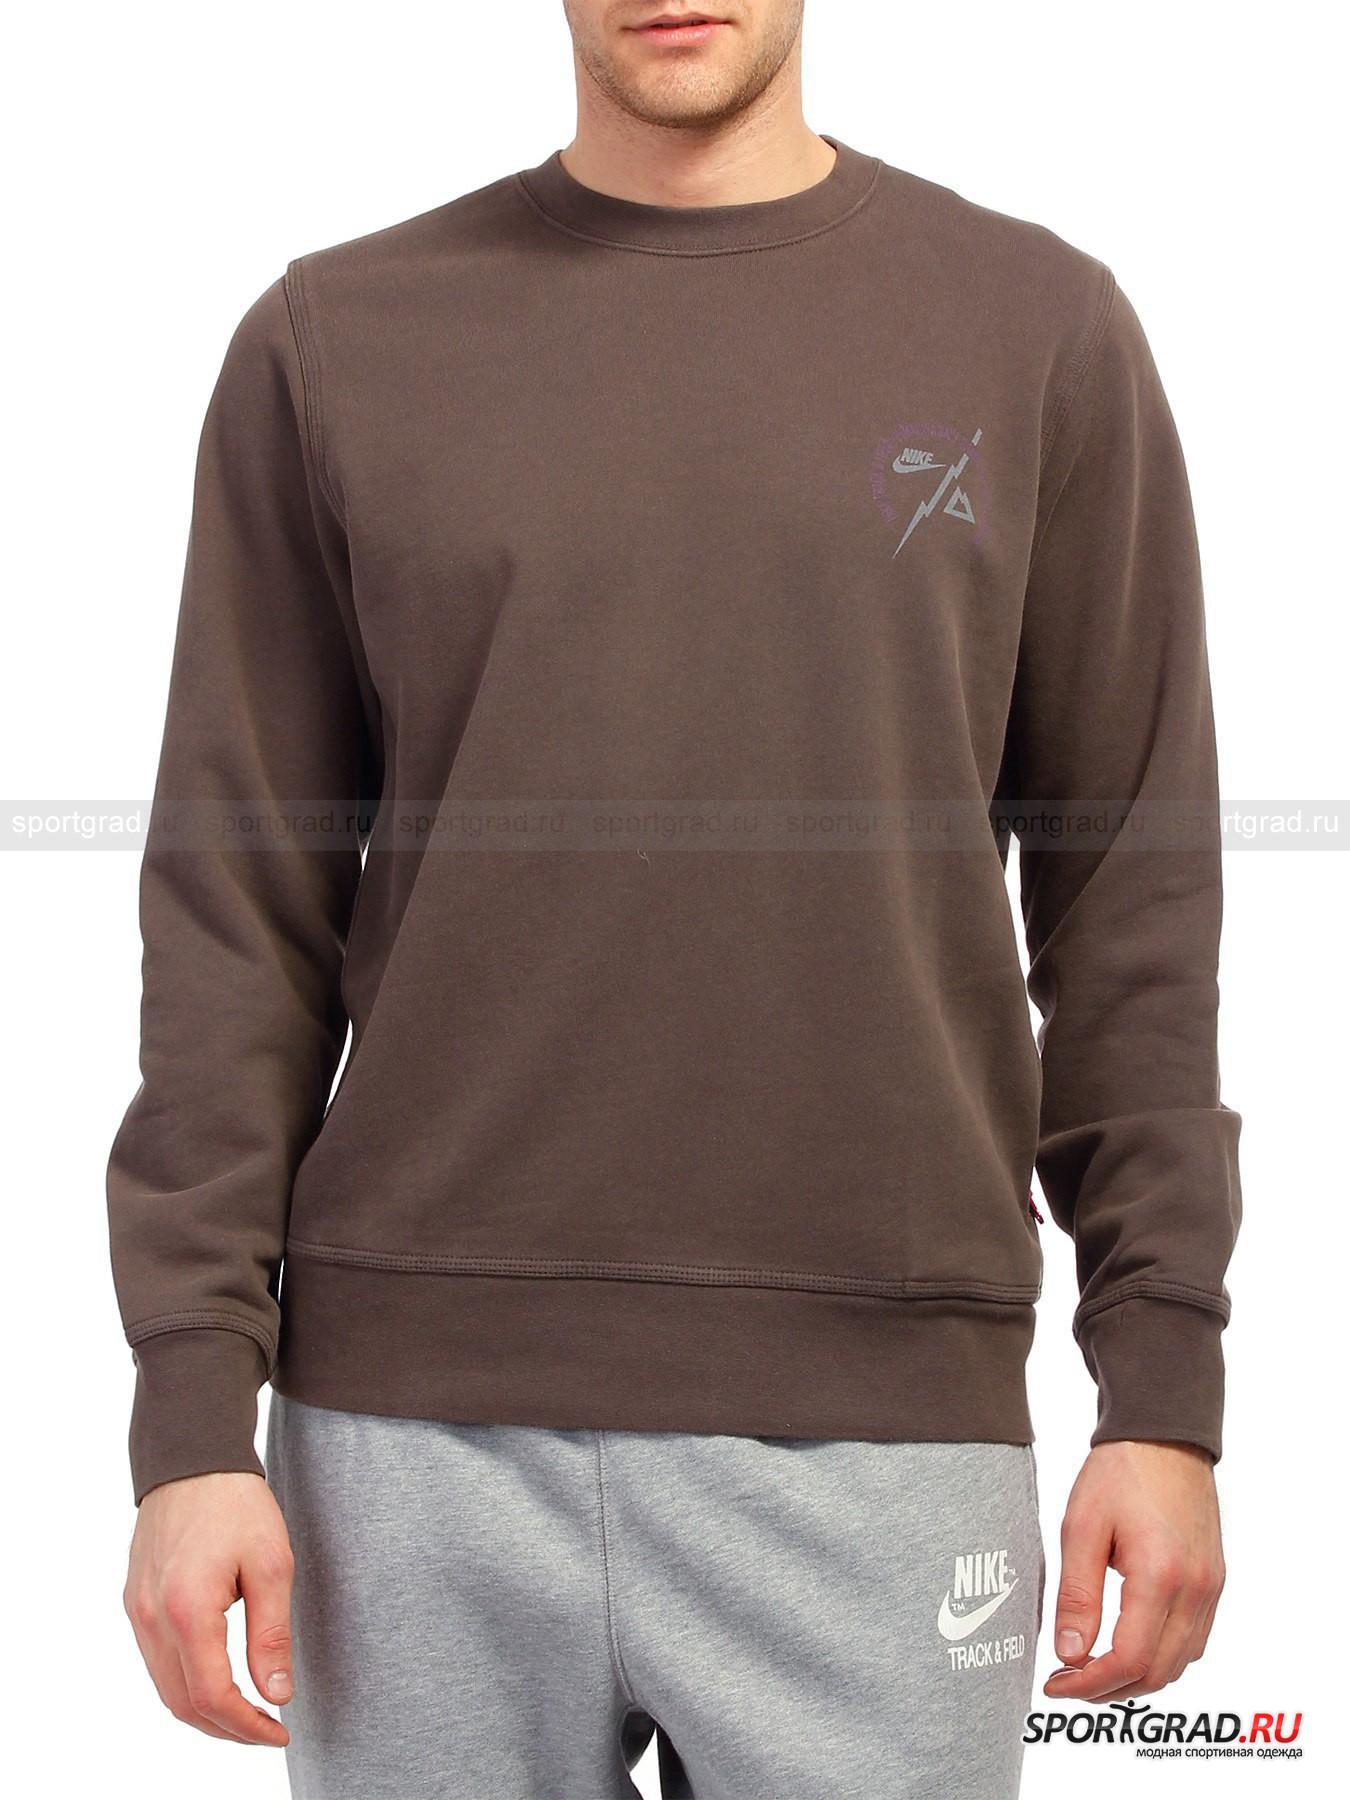 Пуловер Интернет Магазин С Доставкой